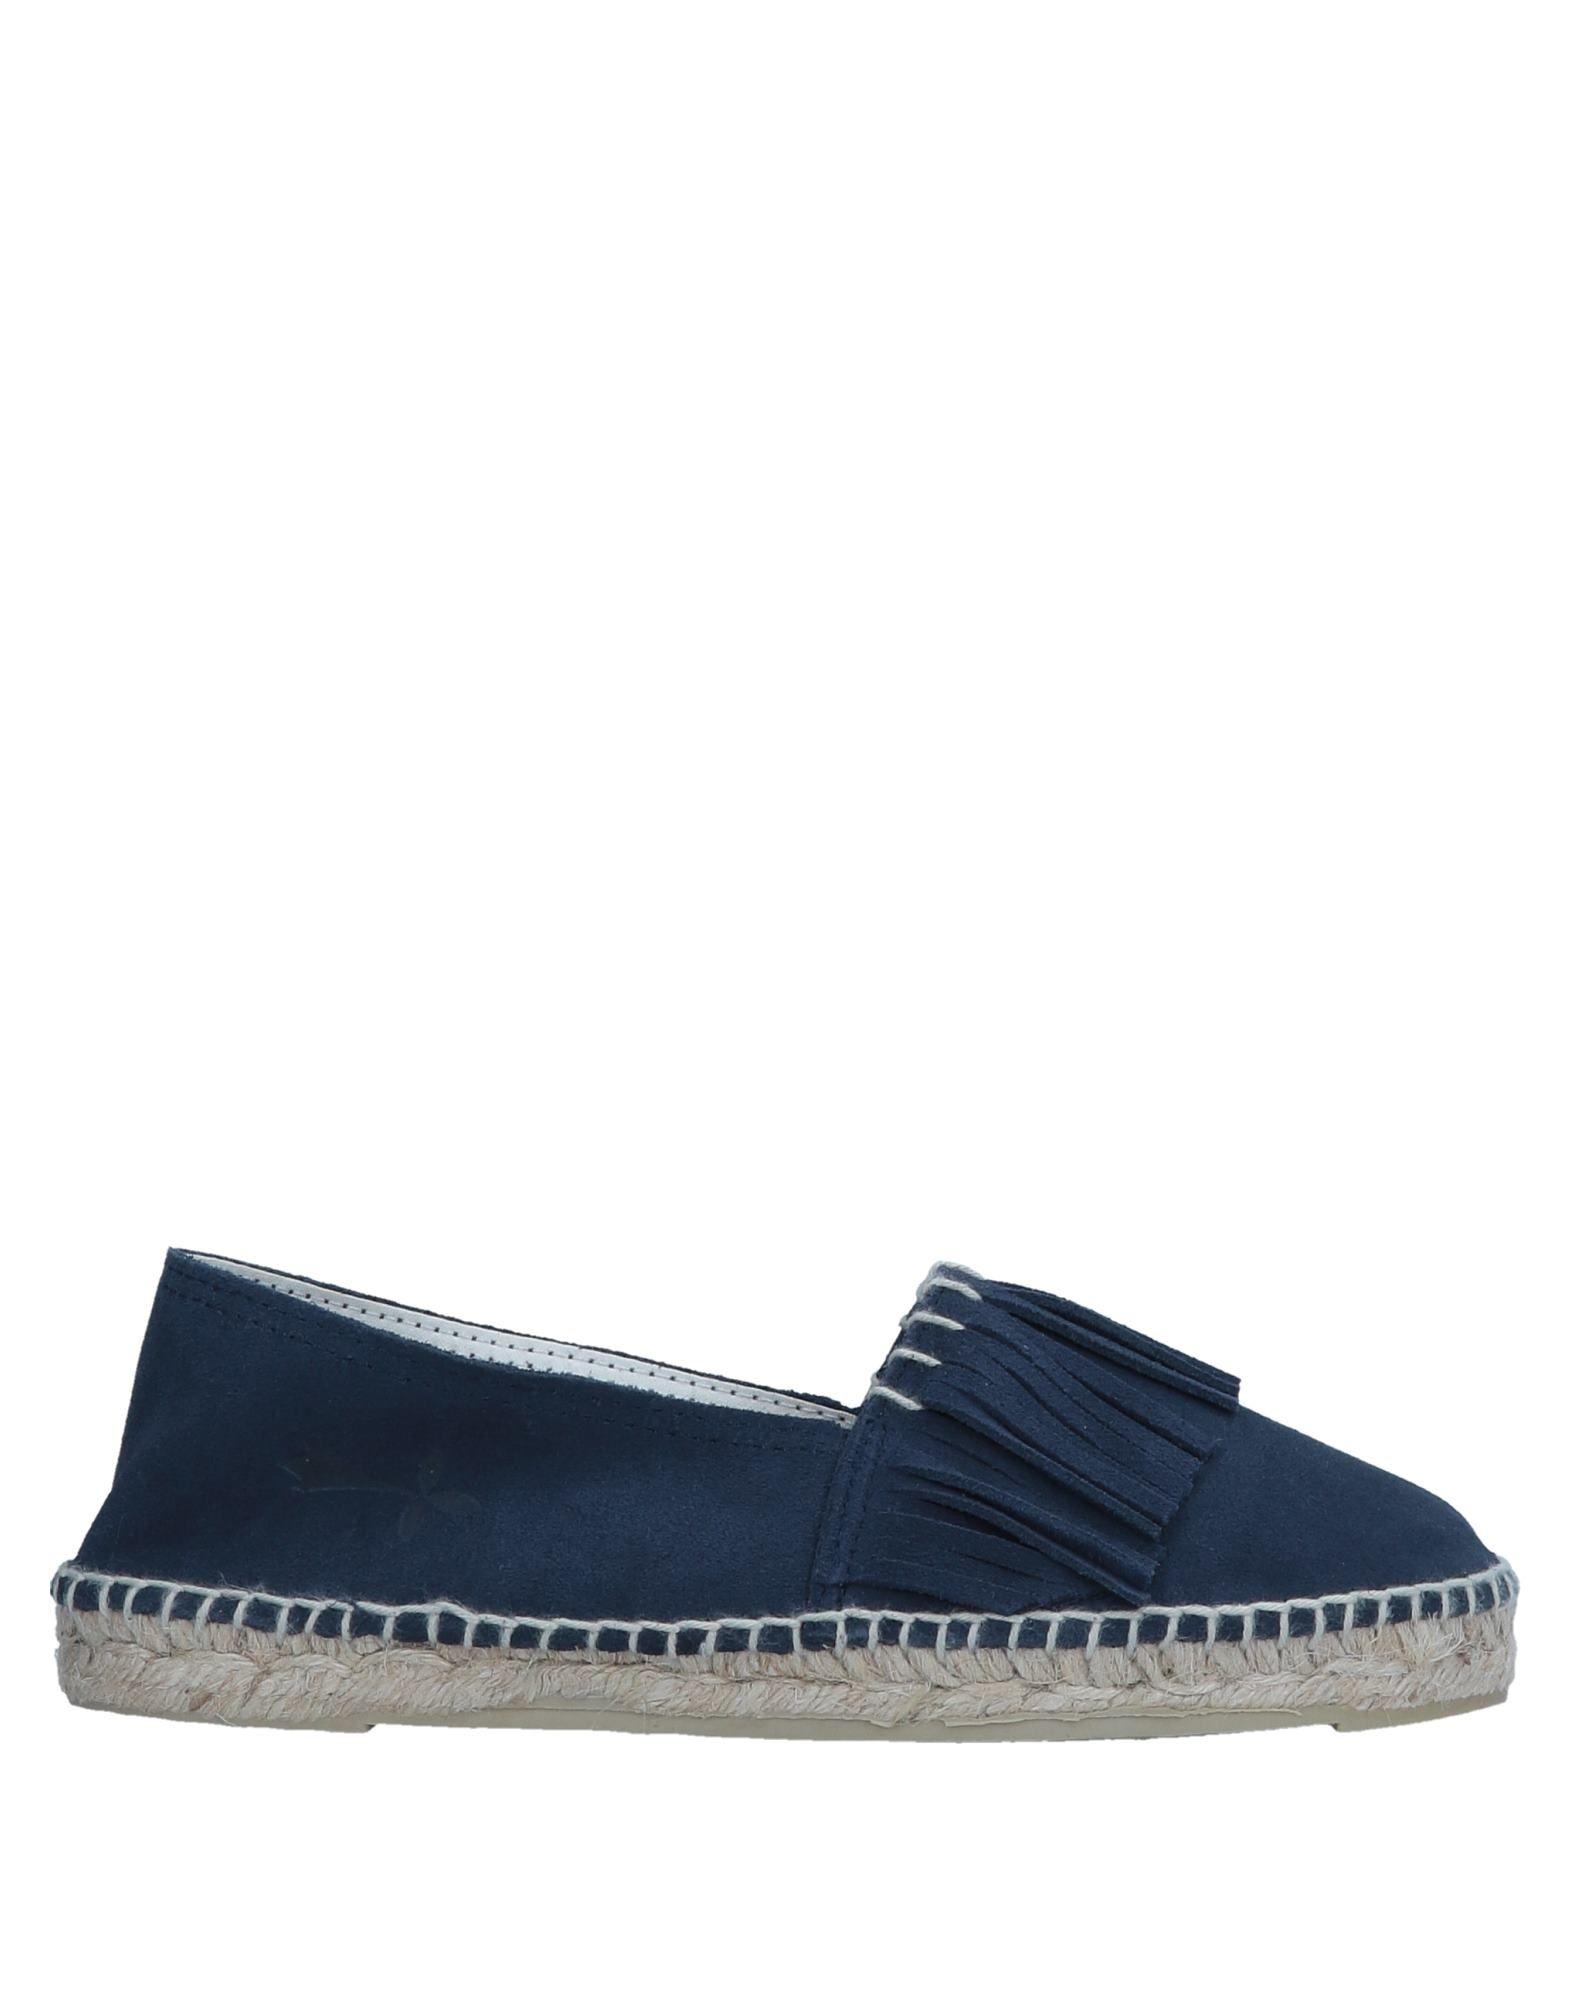 Manebí Espadrilles Damen  11557645LT Gute Qualität beliebte Schuhe